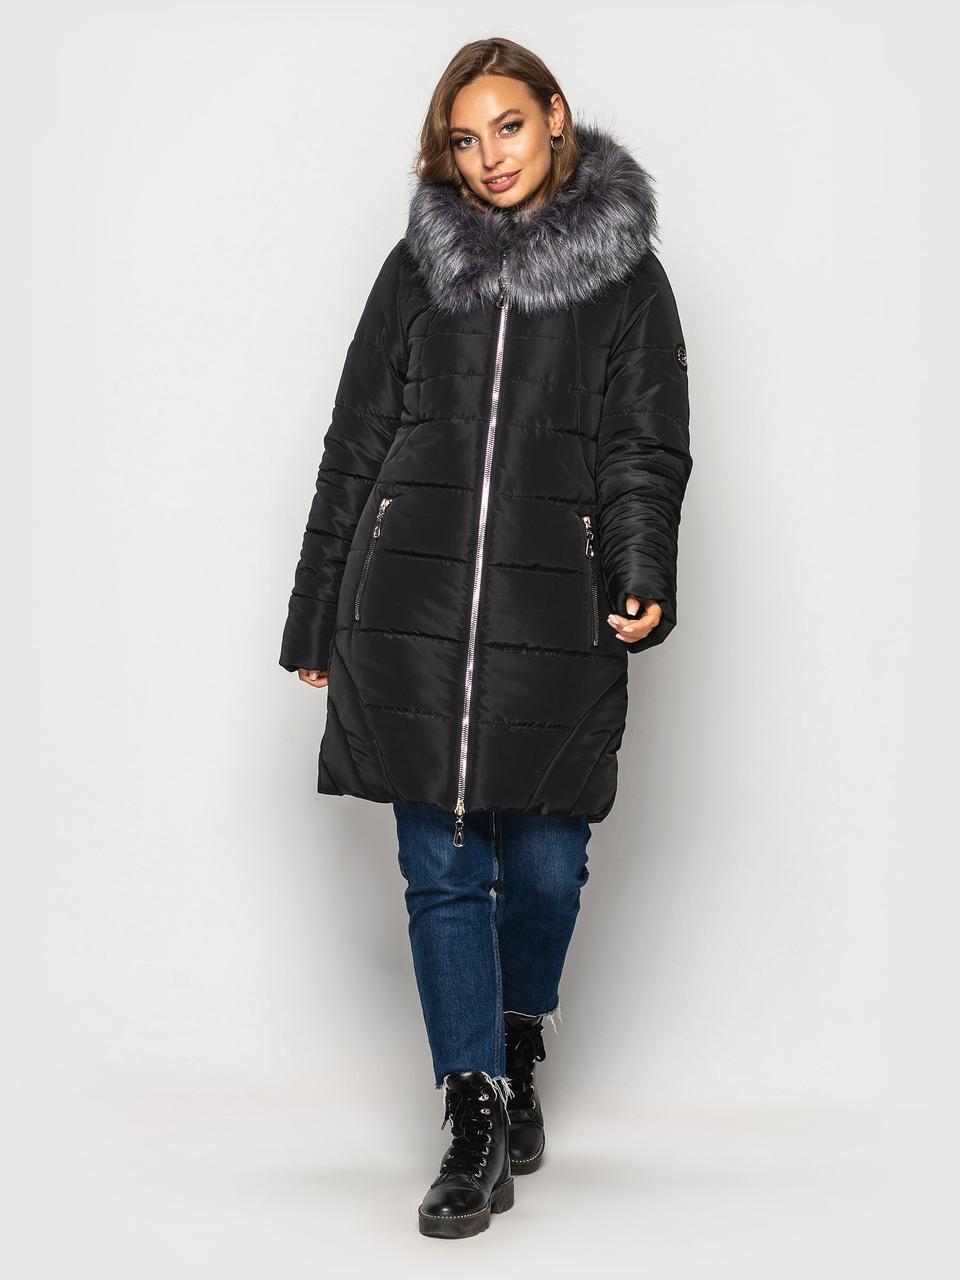 Зимняя куртка большого размера Розали черный(50-60)